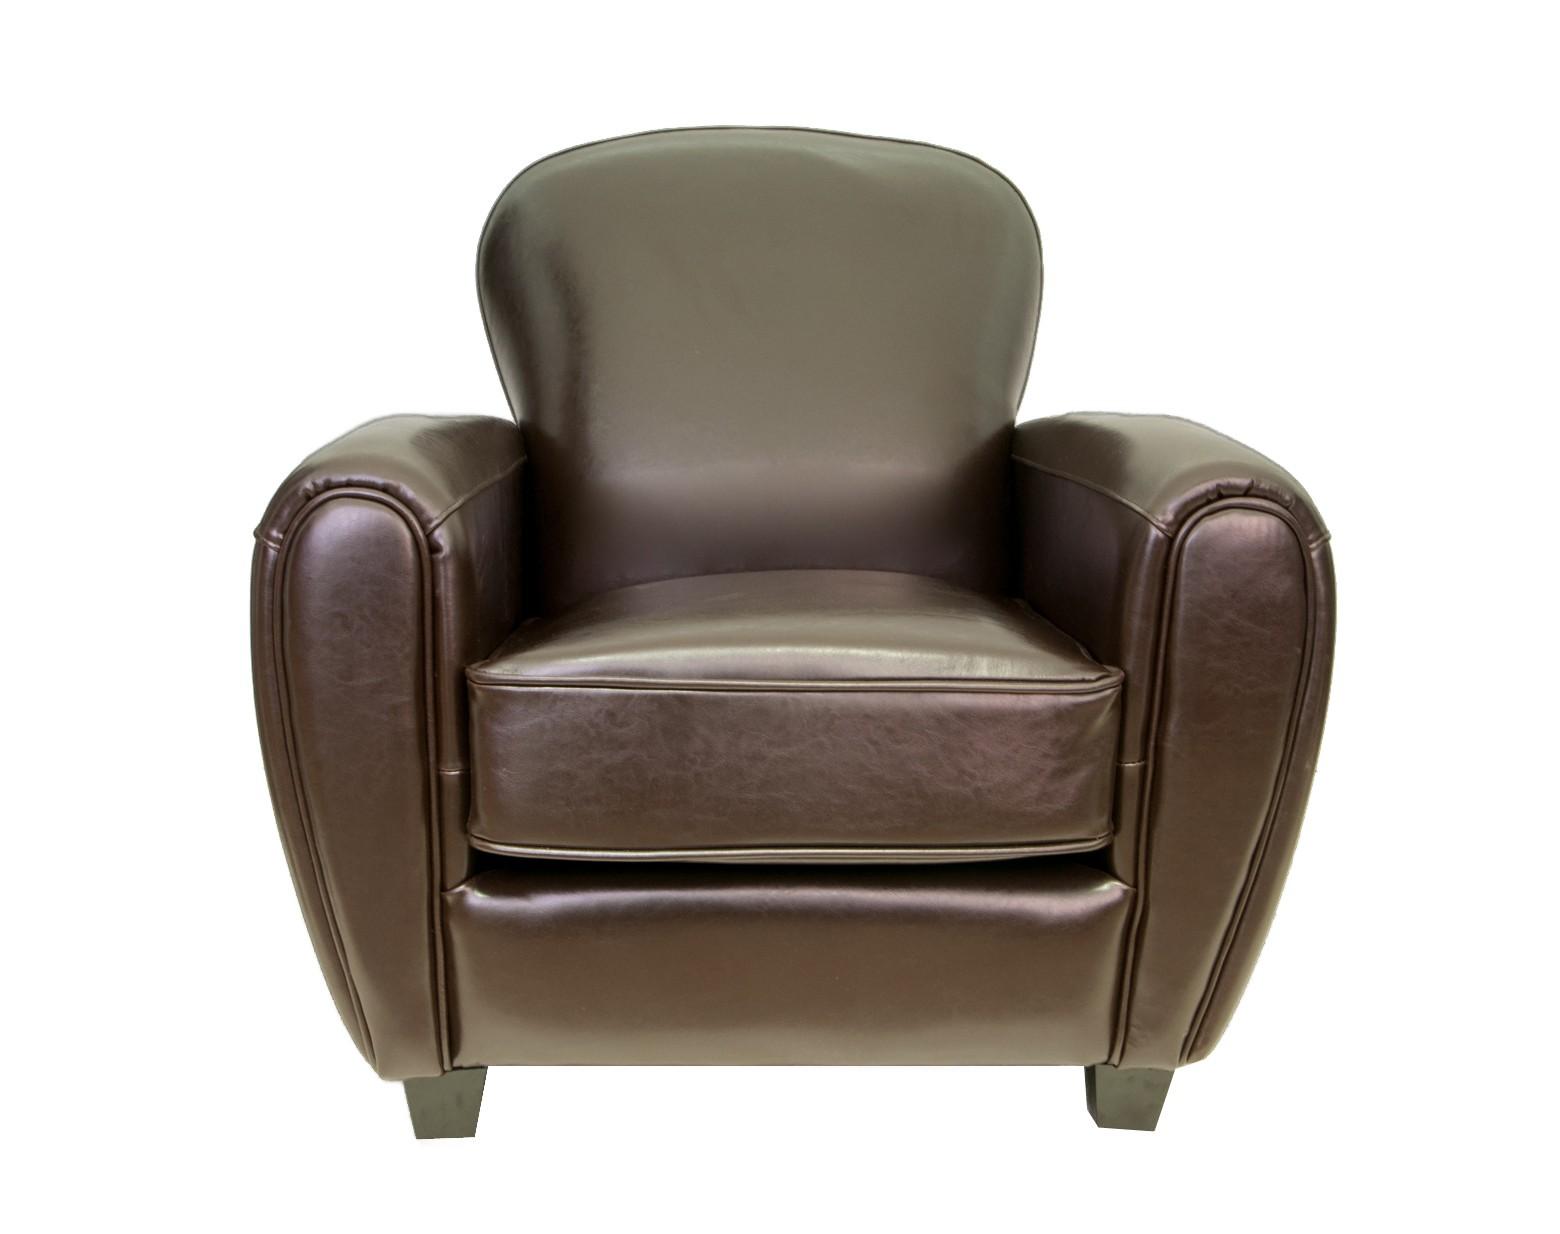 Кресло FlogКожаные кресла<br>Это лаконичное и сдержанное кожаное кресло прекрасно впишется в интерьер гостиной или кабинета. В таком кресле удобно и отдыхать, и работать. Благодаря своей пышной форме вы всегда сможете почувствовать себя в нем расслабленно&amp;amp;nbsp;<br><br>Material: Кожа<br>Width см: 84<br>Depth см: 86<br>Height см: 87